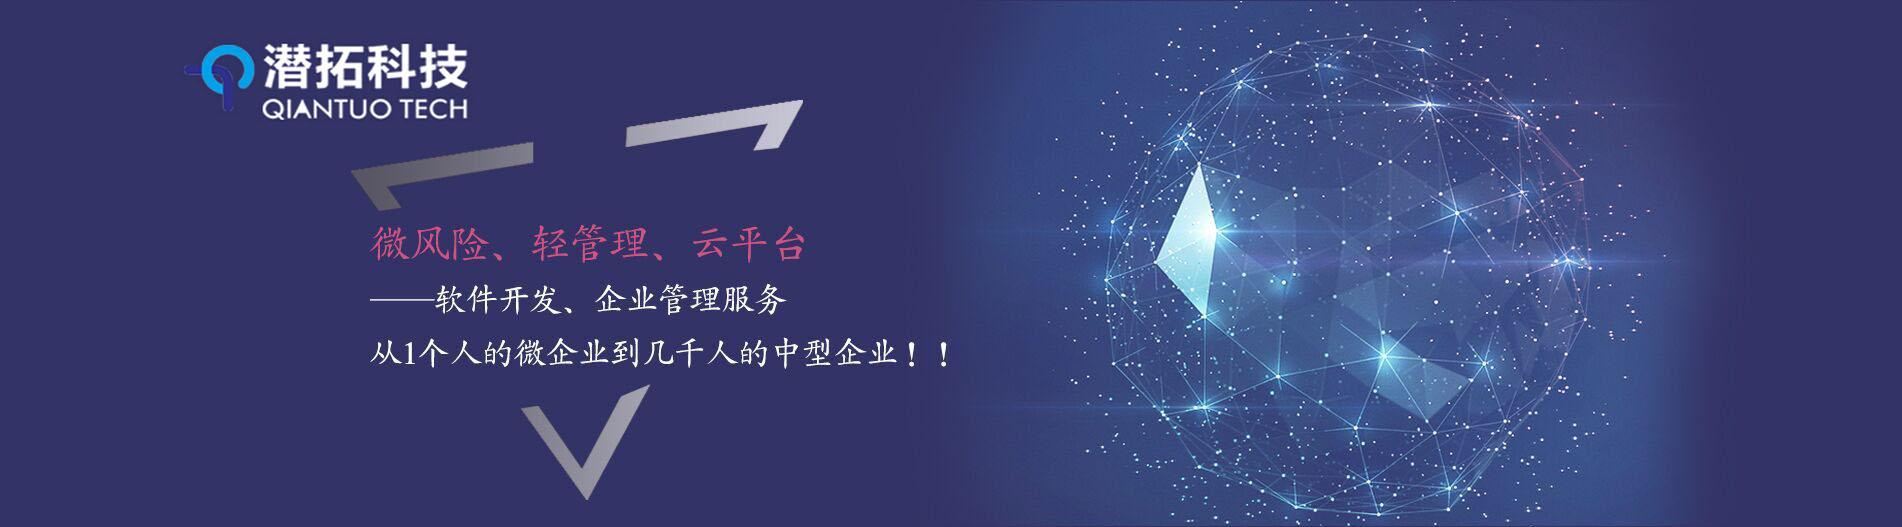 上海潜拓科技有限公司